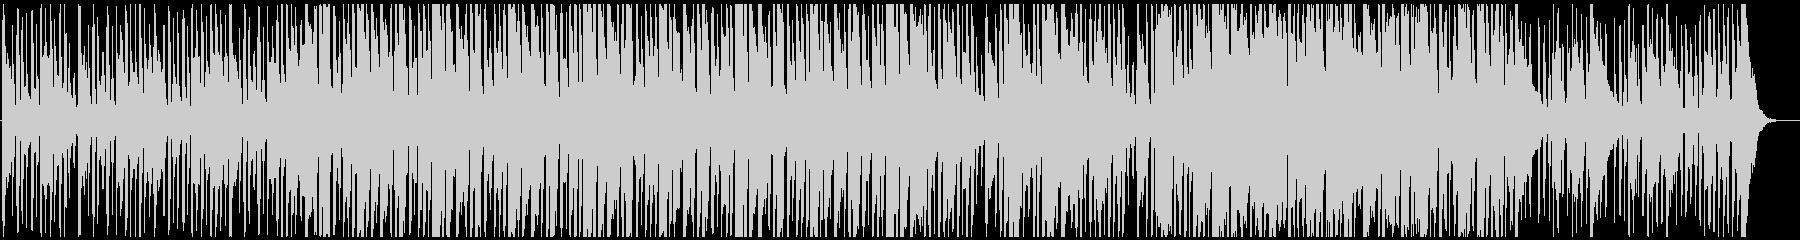 ファンク ドラマチック 電気ピアノ...の未再生の波形